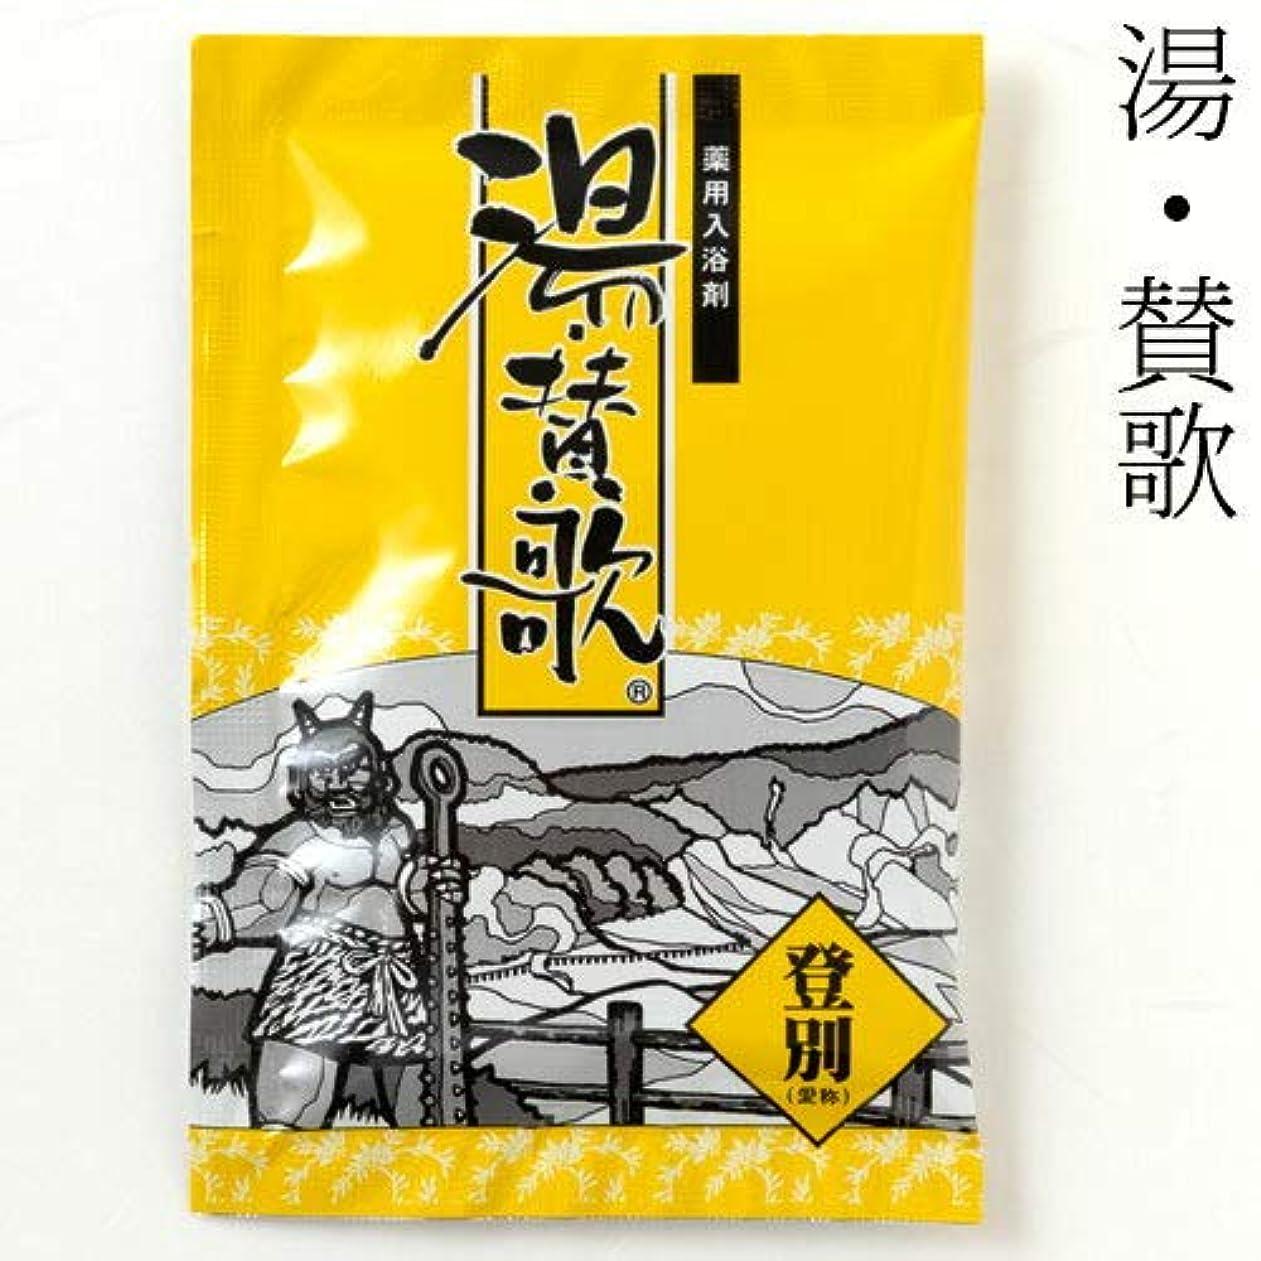 年金受給者驚くべきそれによって入浴剤湯・賛歌登別1包石川県のお風呂グッズBath additive, Ishikawa craft